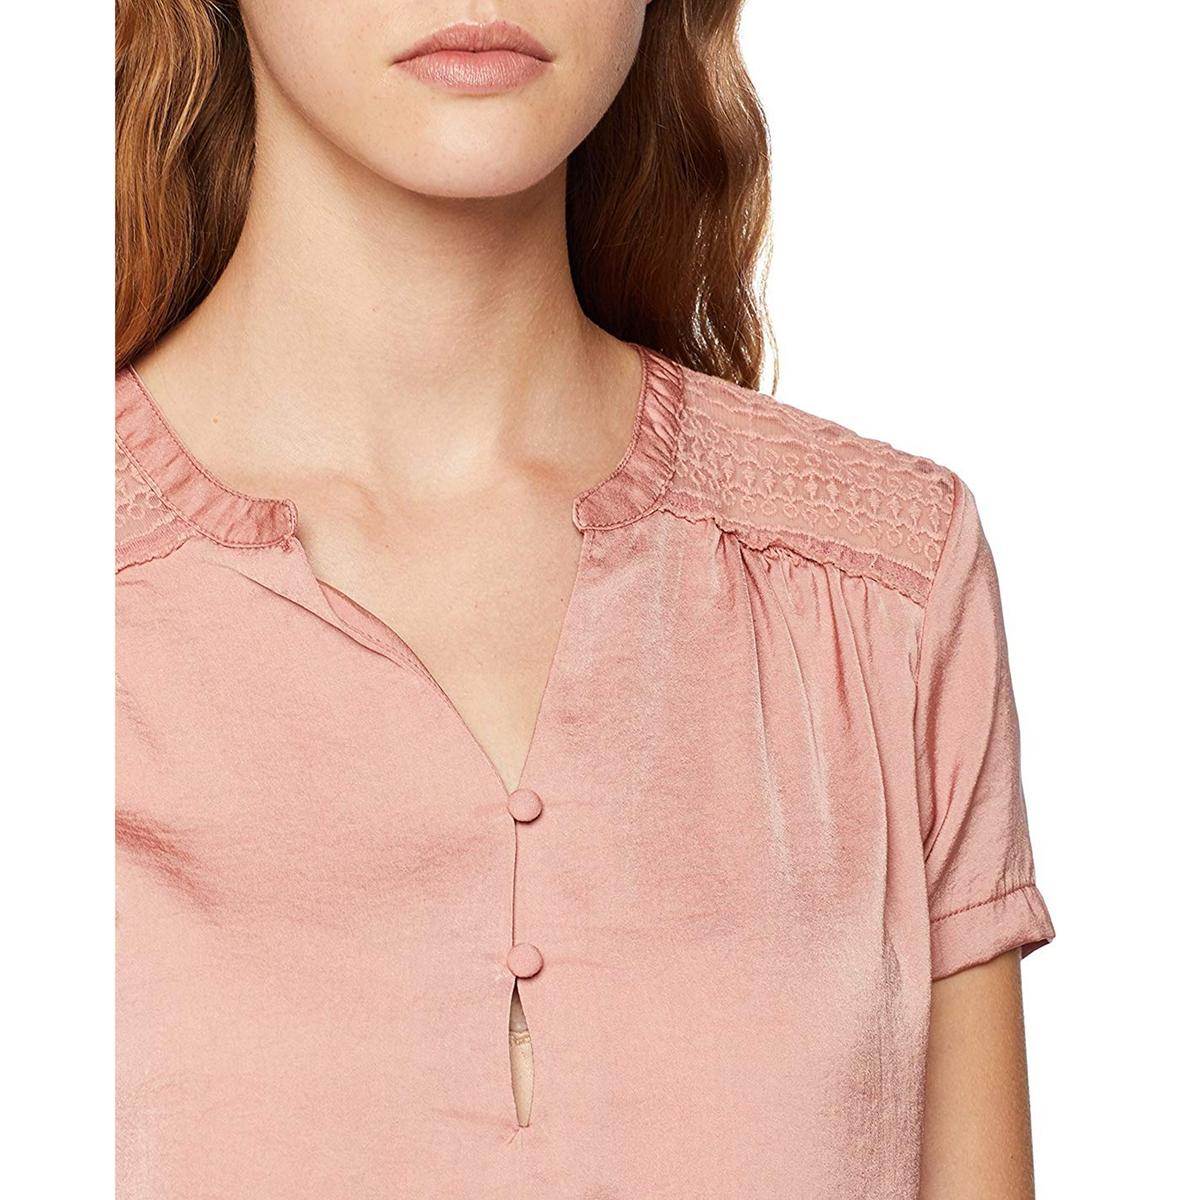 Блузка с тунисским вырезом, ажурной спинкой, короткими рукавами карамелли карамелли блузка для школы с фигурной спинкой белая